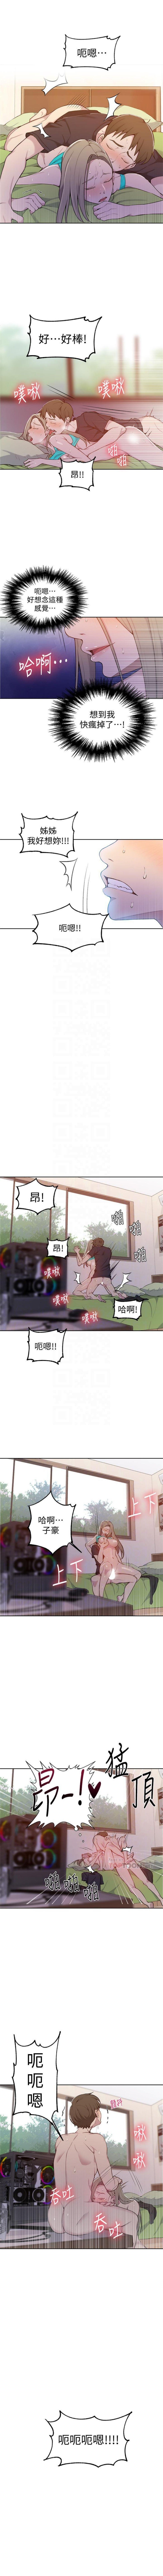 秘密教學  1-69 官方中文(連載中) 319